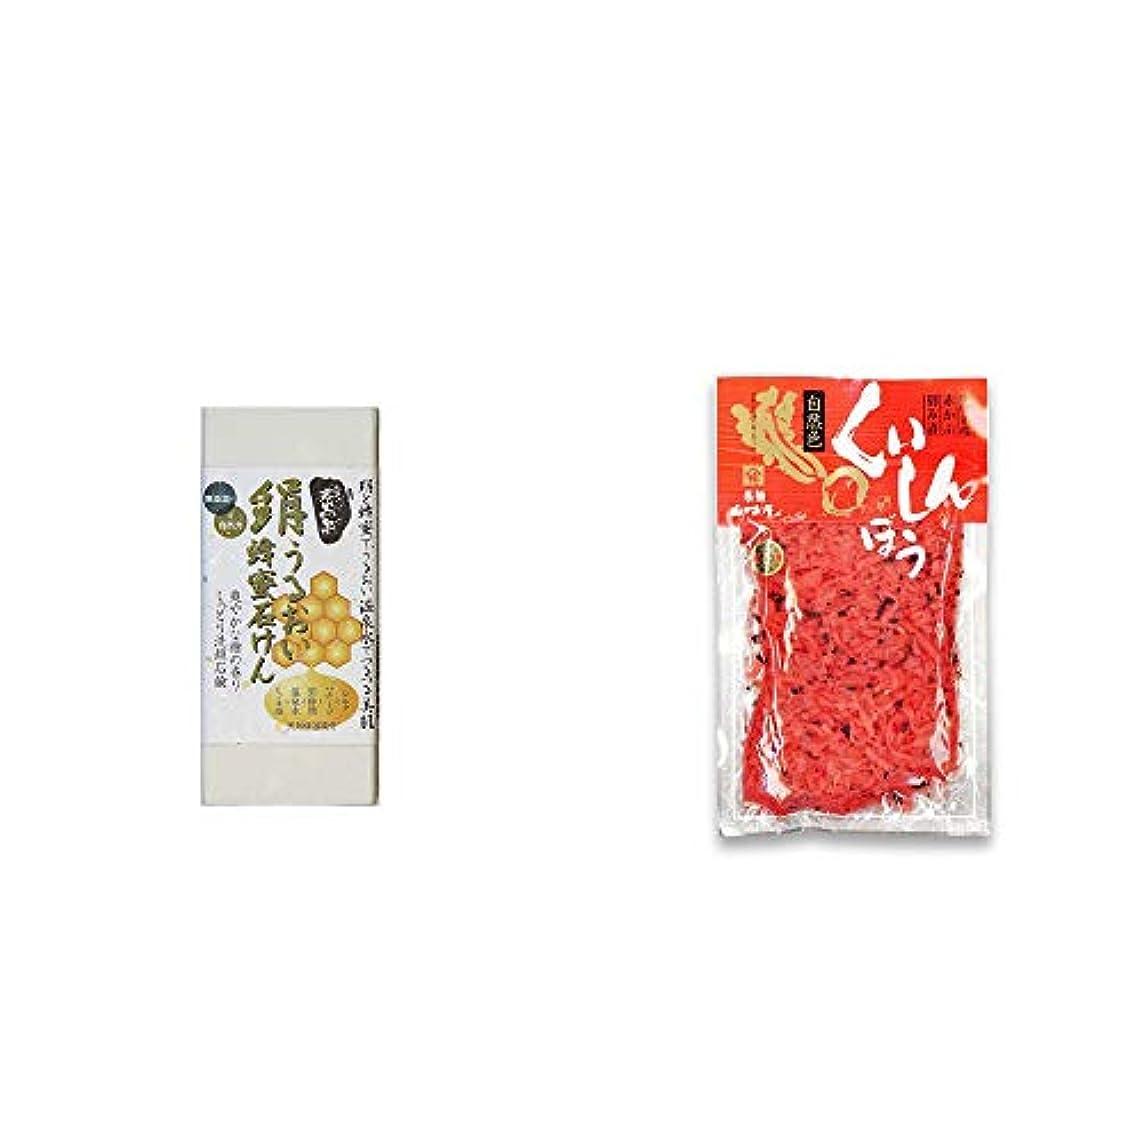 例外はちみつ前投薬[2点セット] ひのき炭黒泉 絹うるおい蜂蜜石けん(75g×2)?飛騨山味屋 くいしんぼう【大】(260g) [赤かぶ刻み漬け]